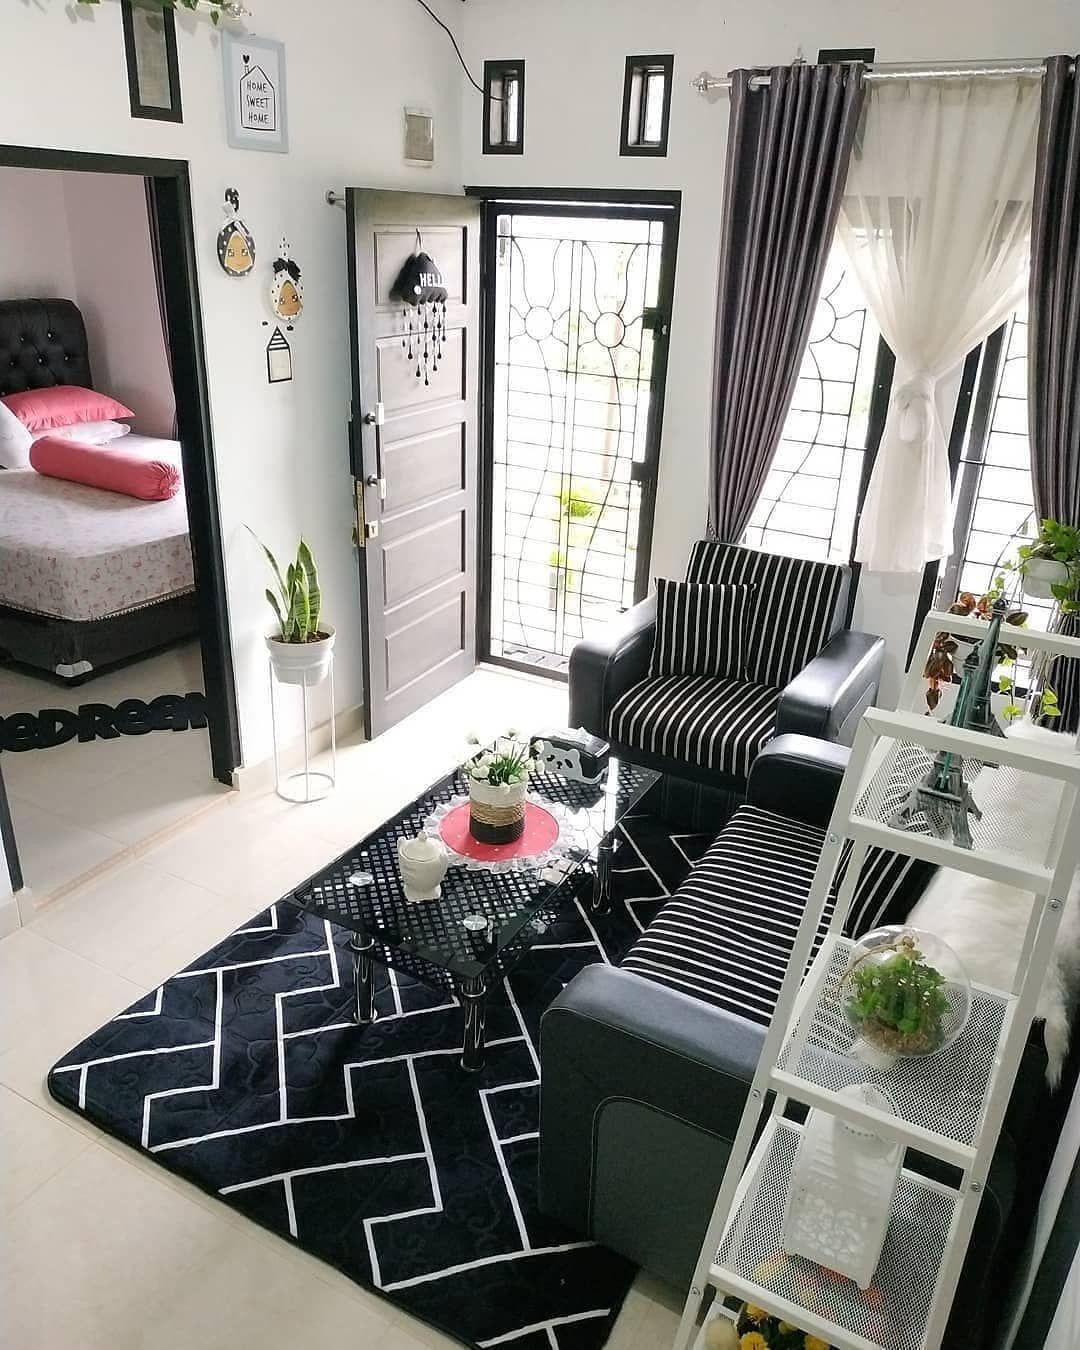 New The 10 Best Home Decor With Pictures Inspirasi Living Roo Sala De Apartamento Pequeno Decoracion De Casas Pequenas Diseno De Interiores Casa Pequena Best home decor for living room